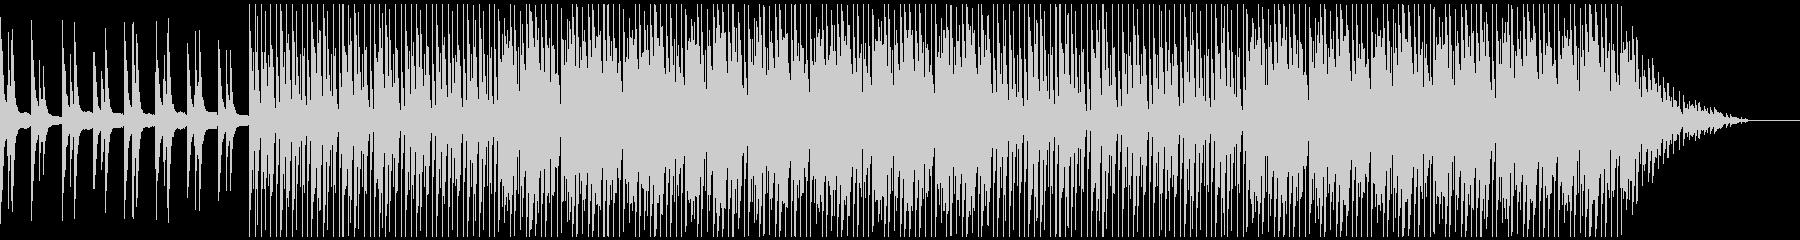 うねるベースと跳ねるようなドラムの未再生の波形